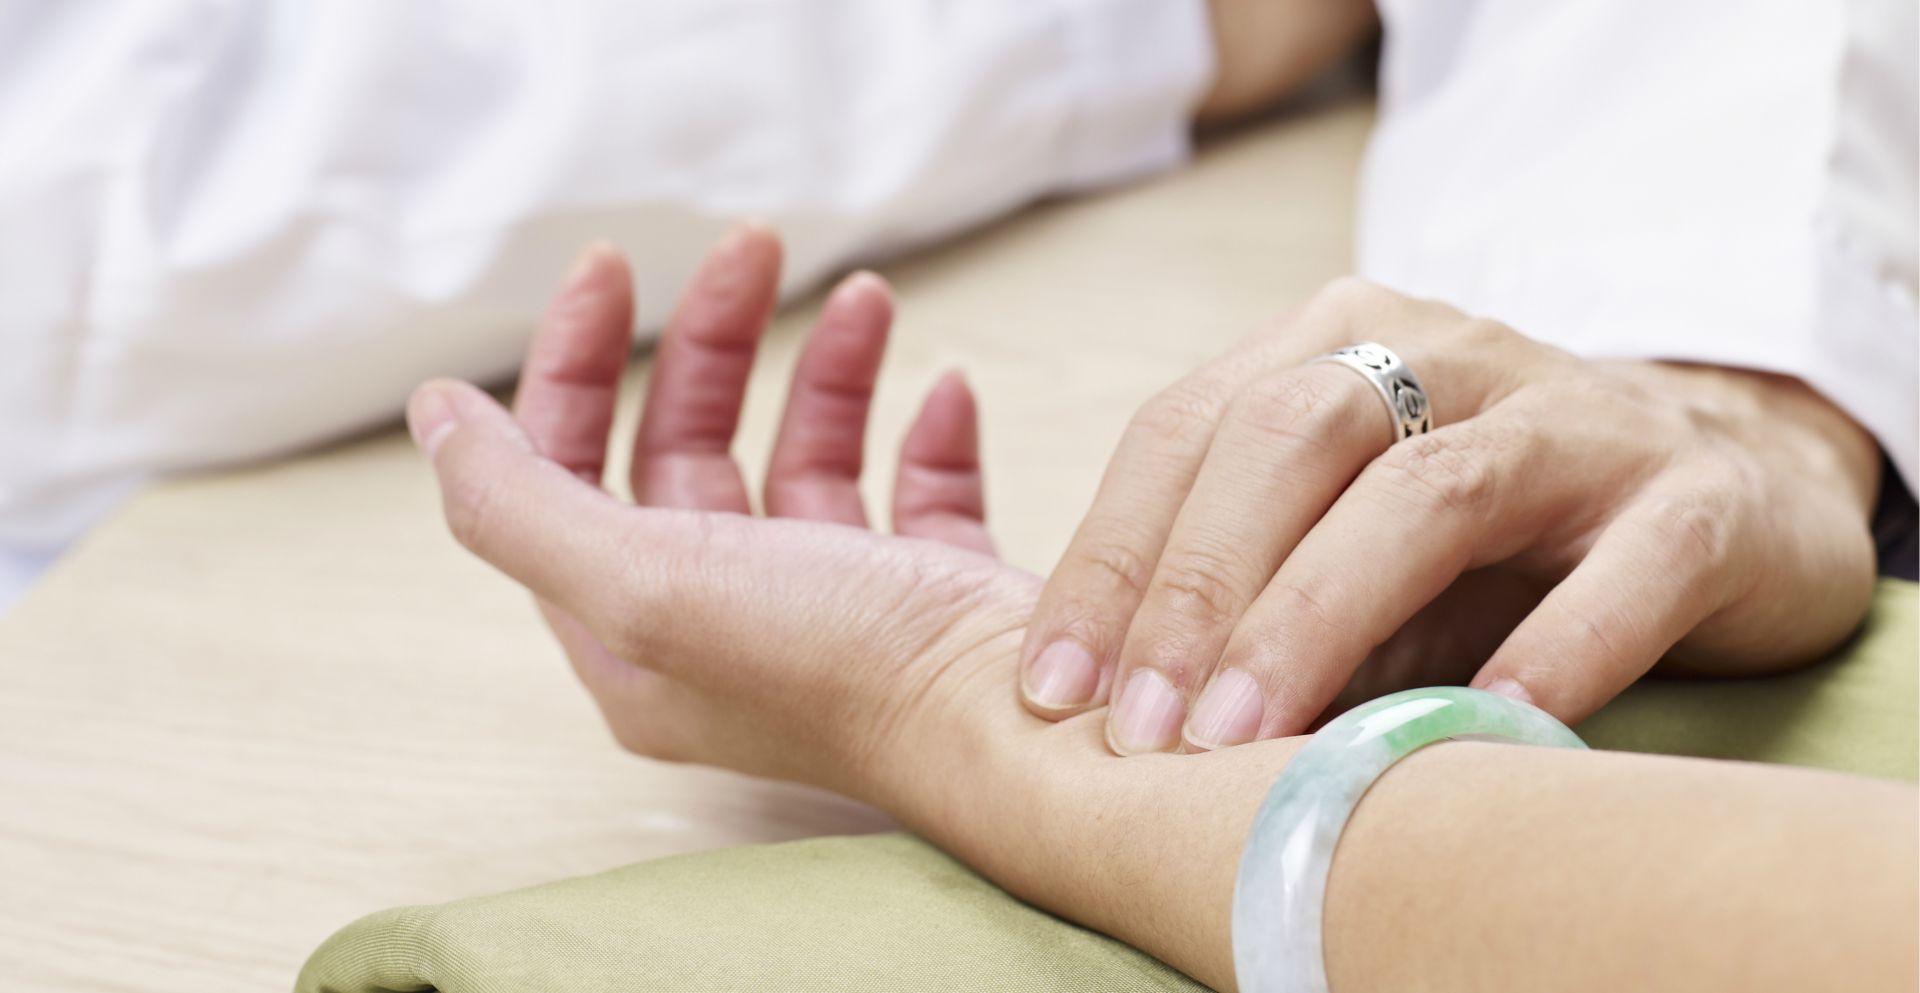 失智症排尿困難、急診住院 中醫治療能改善